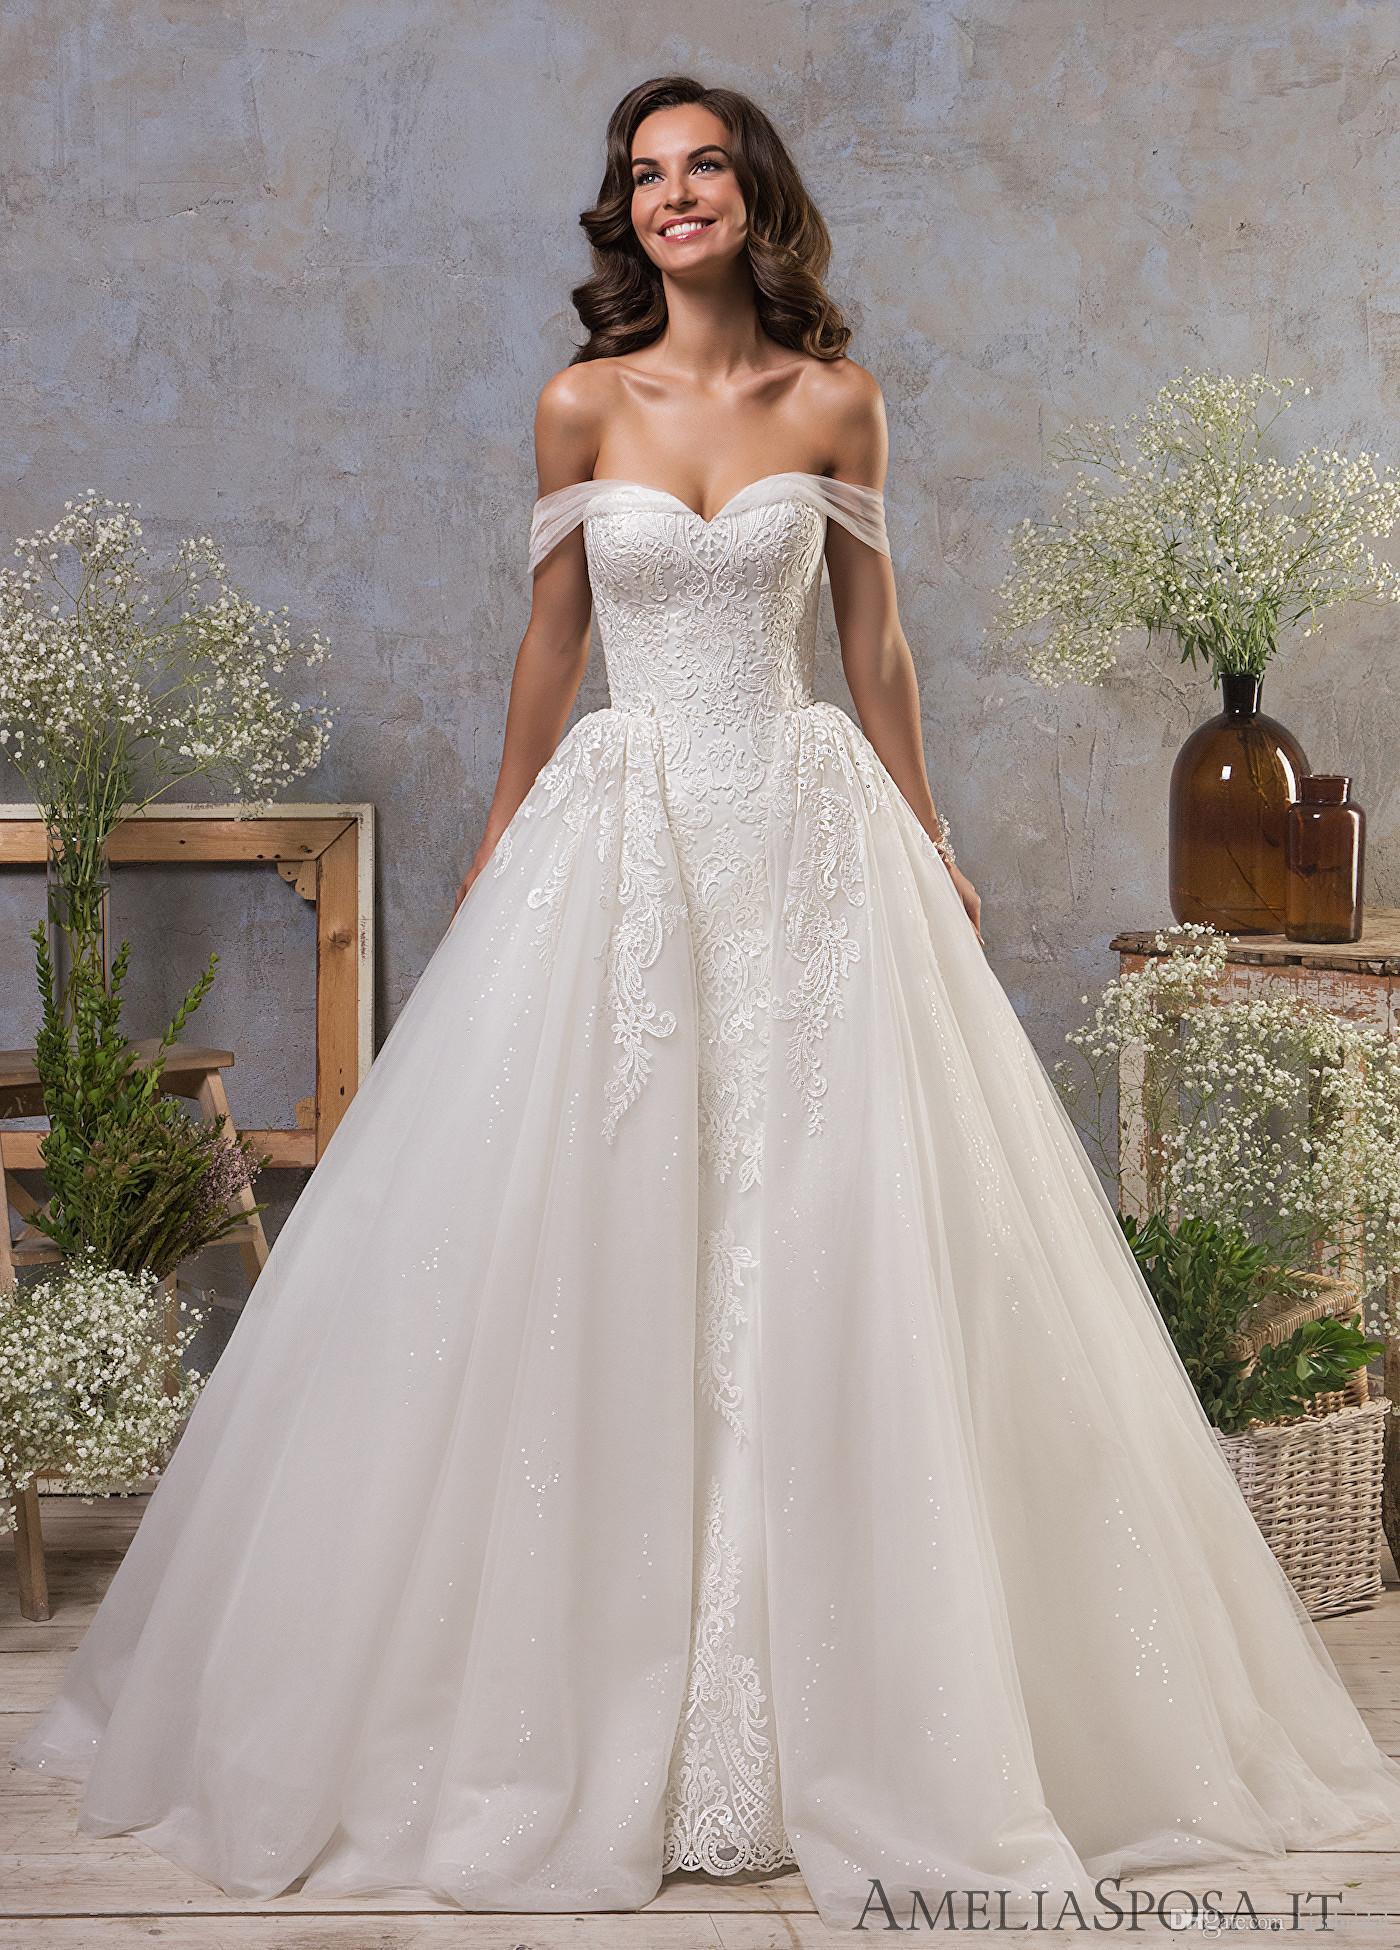 new products 84580 3ec43 Abiti da sera autunno abiti da sposa 2019 abiti da sposa sirena spalle  spalle in pizzo tulle abiti da sposa abiti da noiva abito elegante abito